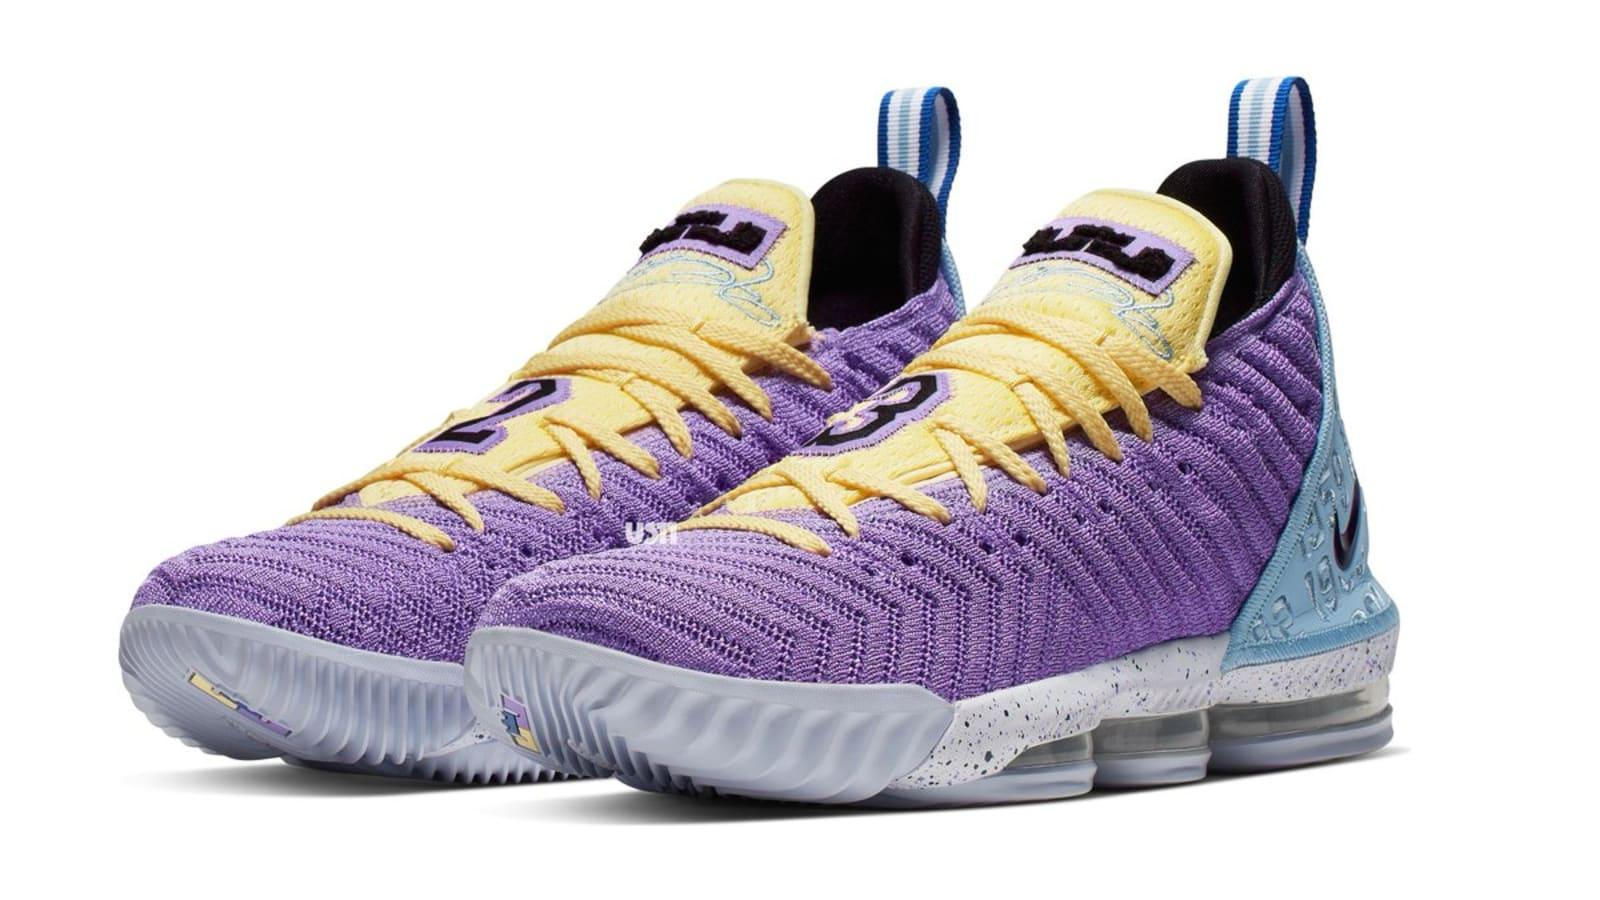 6a249248d9d6 Nike LeBron 16